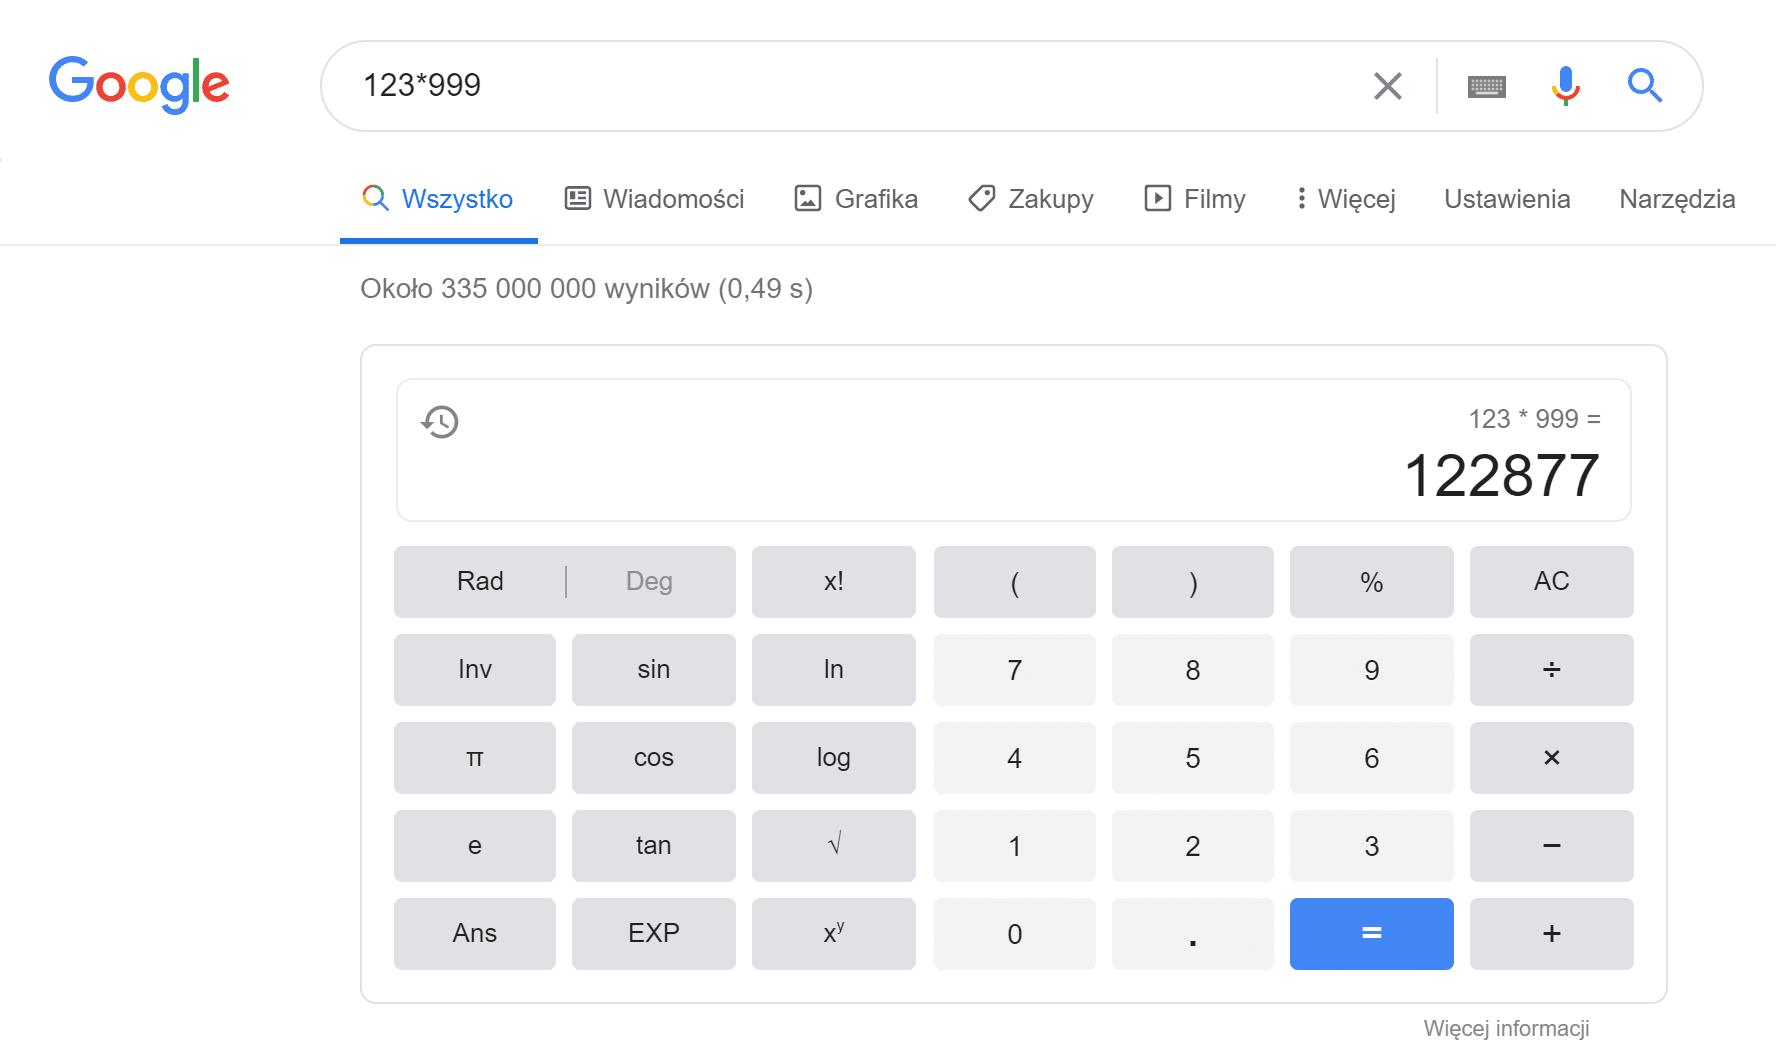 kalkulator jako przykład direct answear